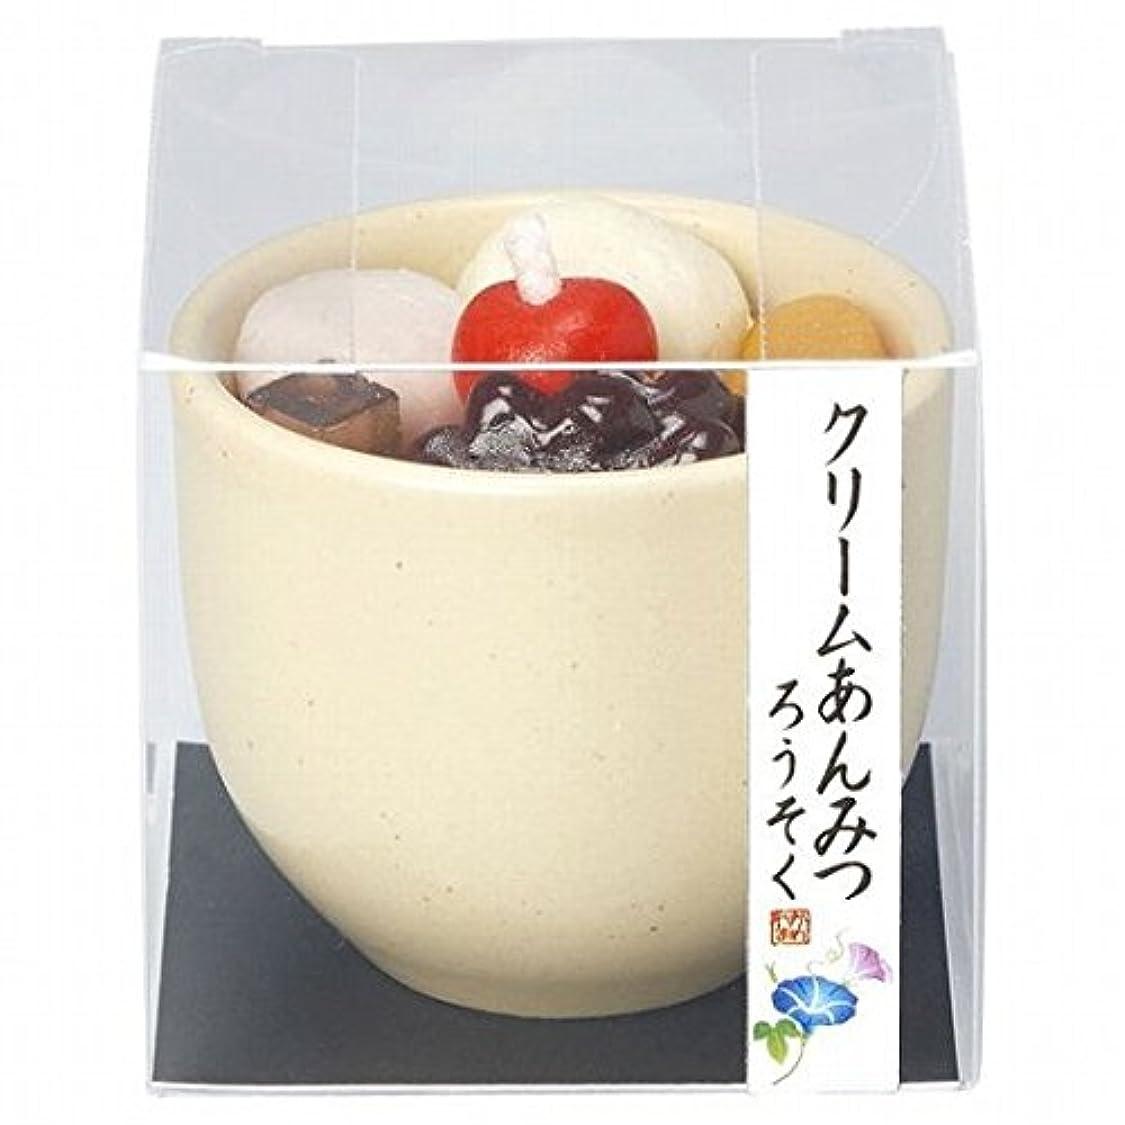 建物時おじいちゃんkameyama candle(カメヤマキャンドル) クリームあんみつキャンドル(86220000)